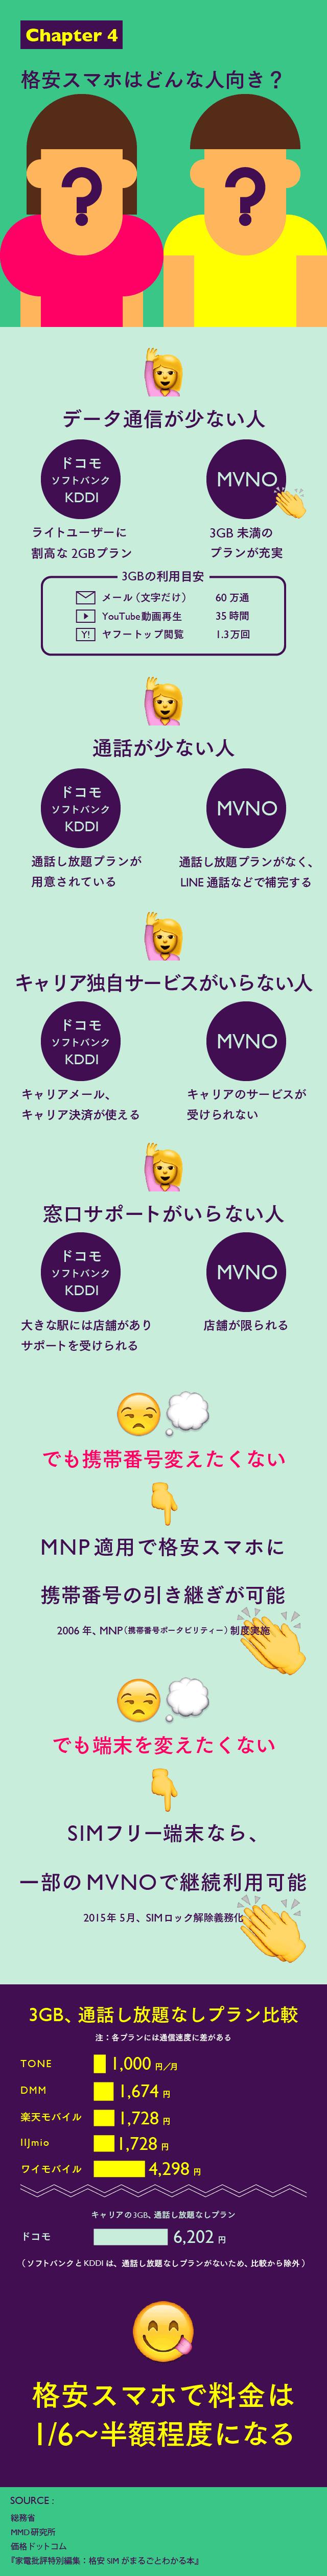 0149【マスター】モバイル#1_20150705-05